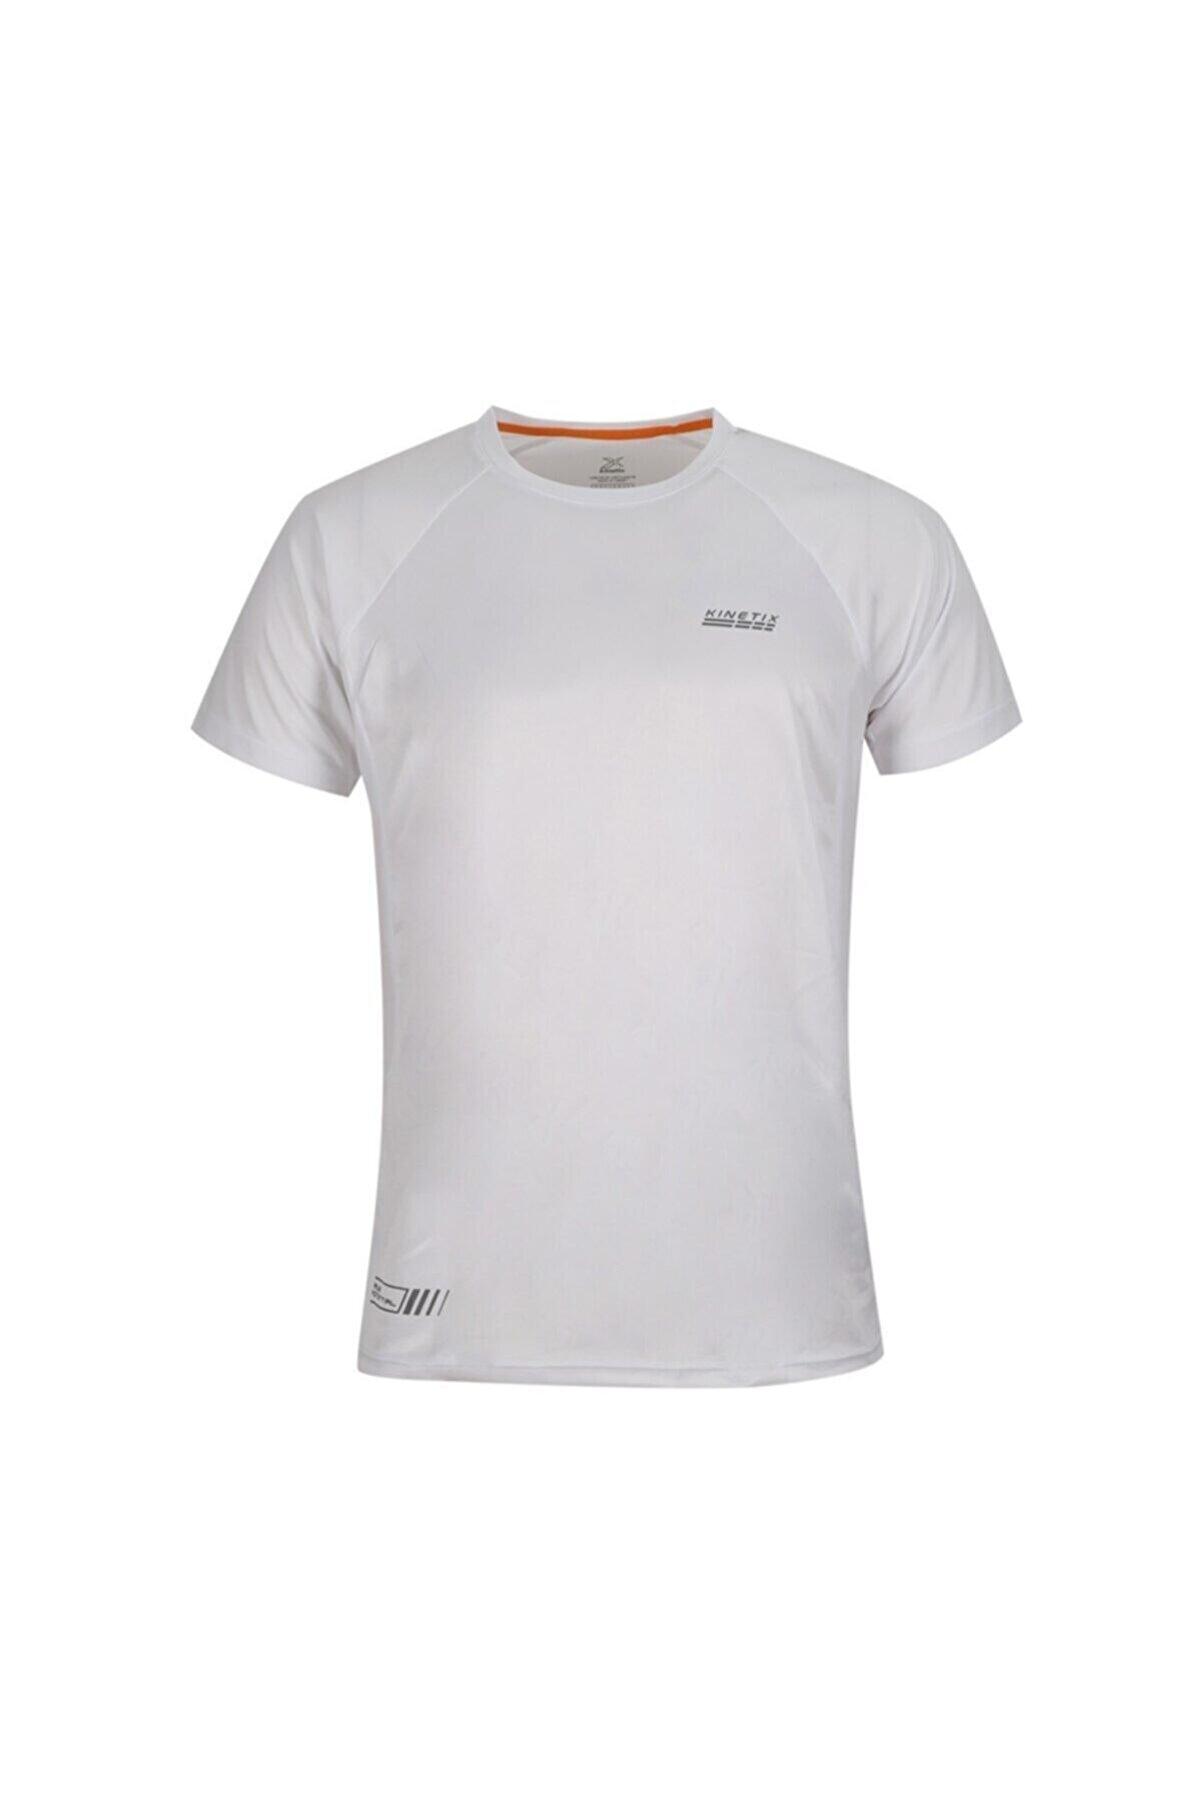 Kinetix CALDER 6 T-SHIRT Beyaz Erkek T-Shirt 101015062